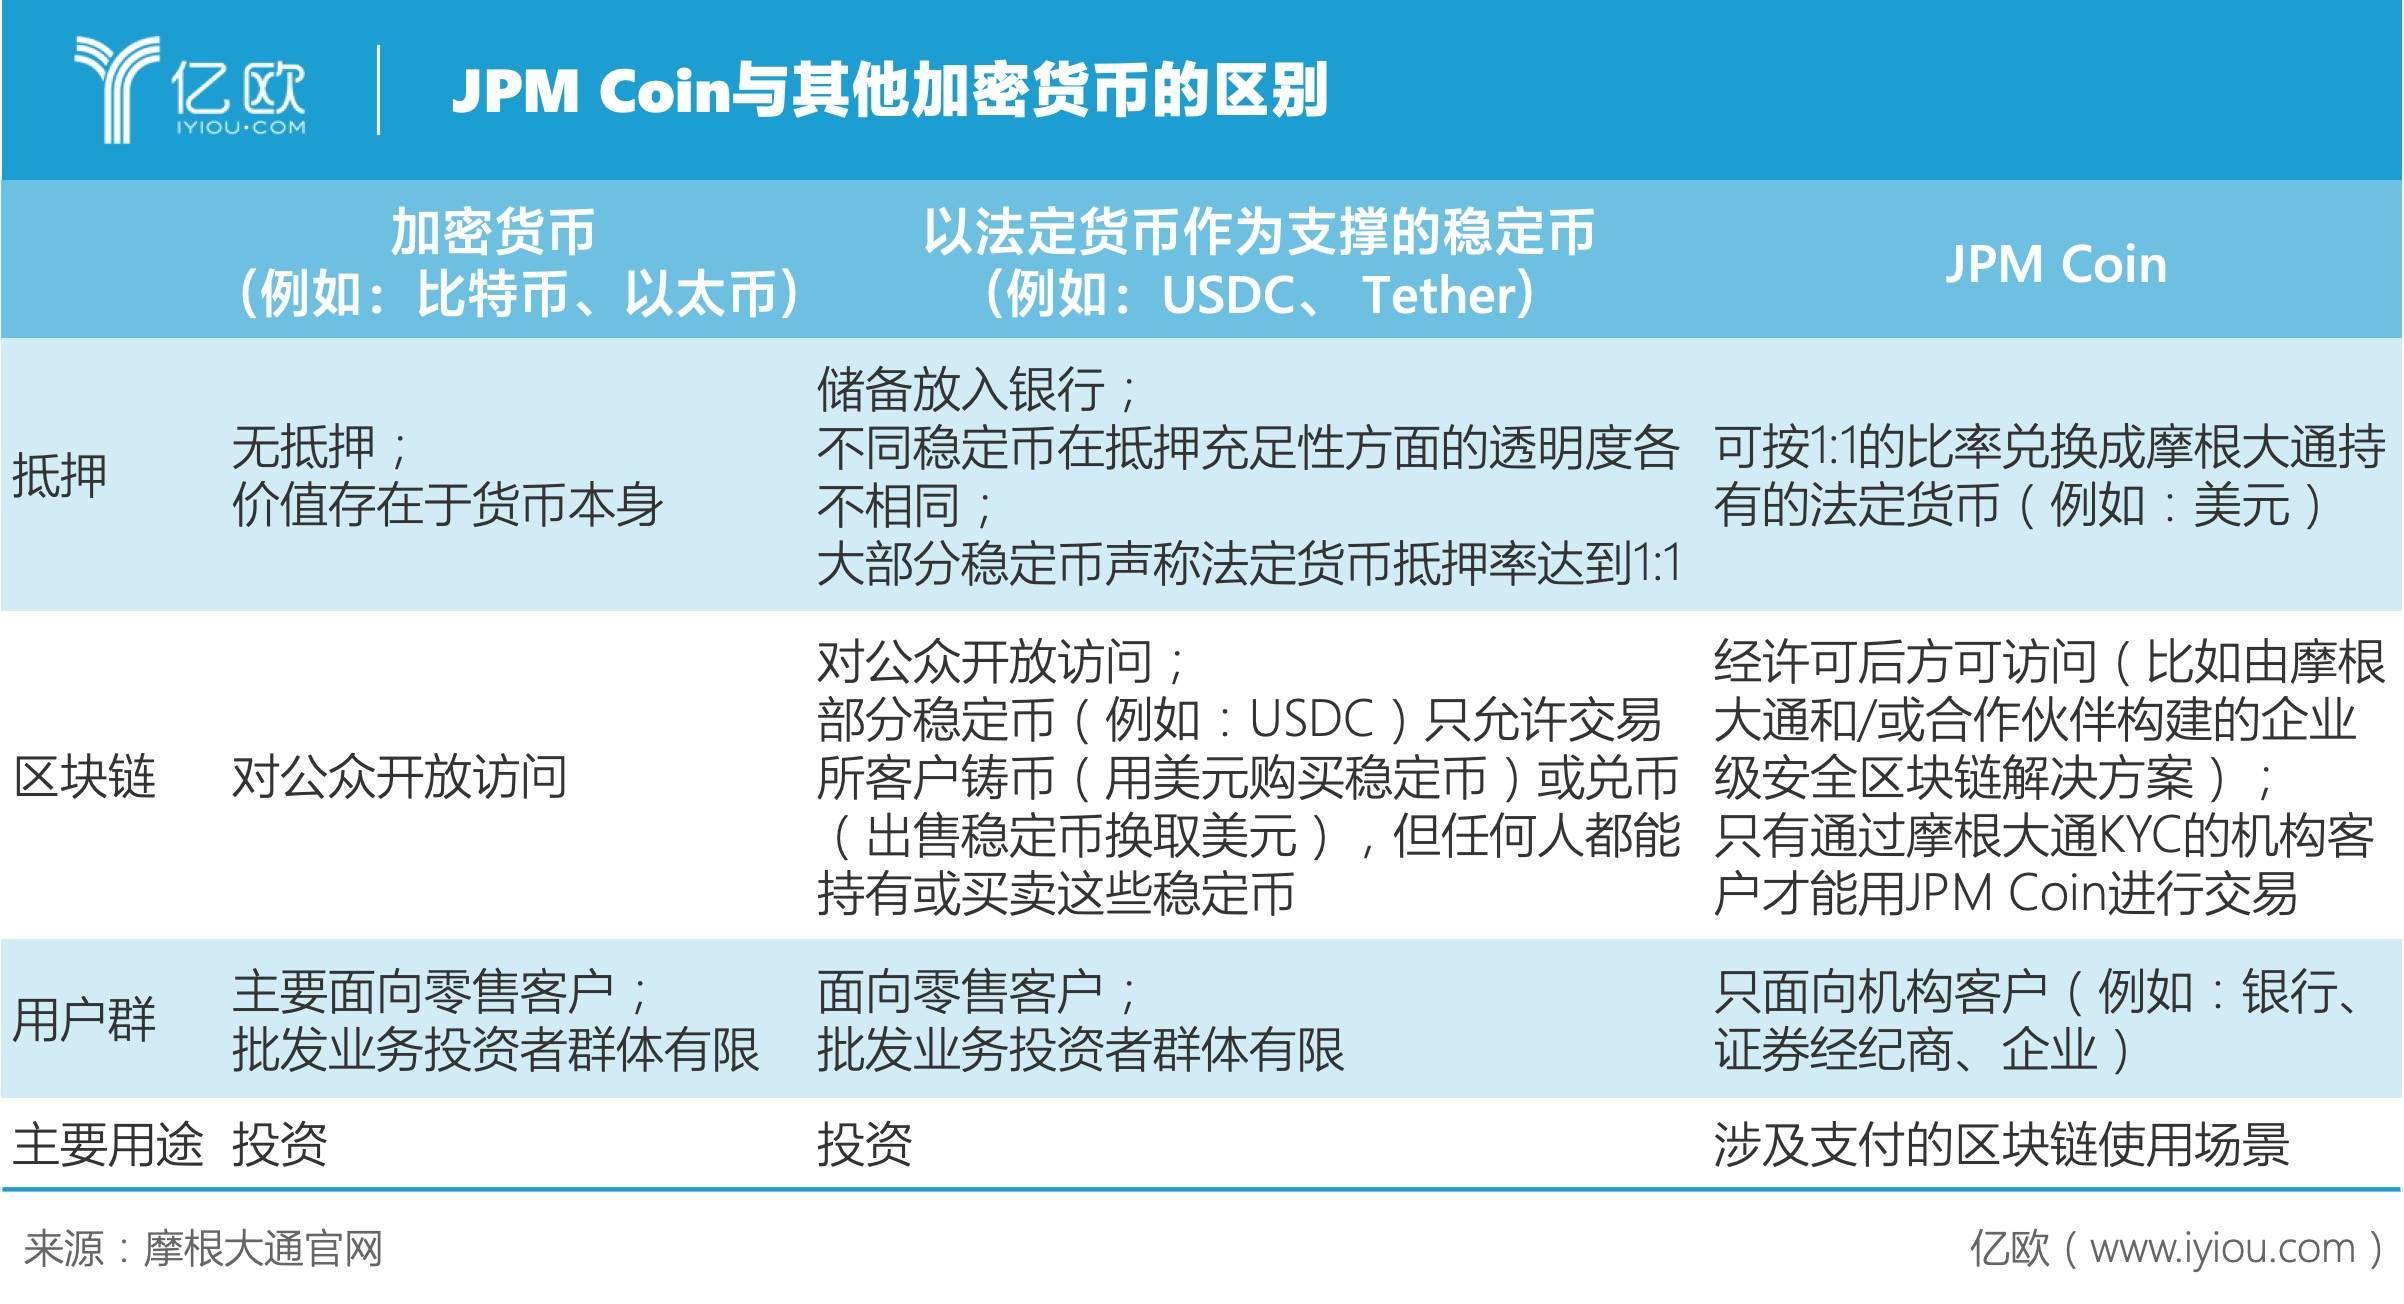 亿欧智库:JPM Coin与其他加密货币的区别